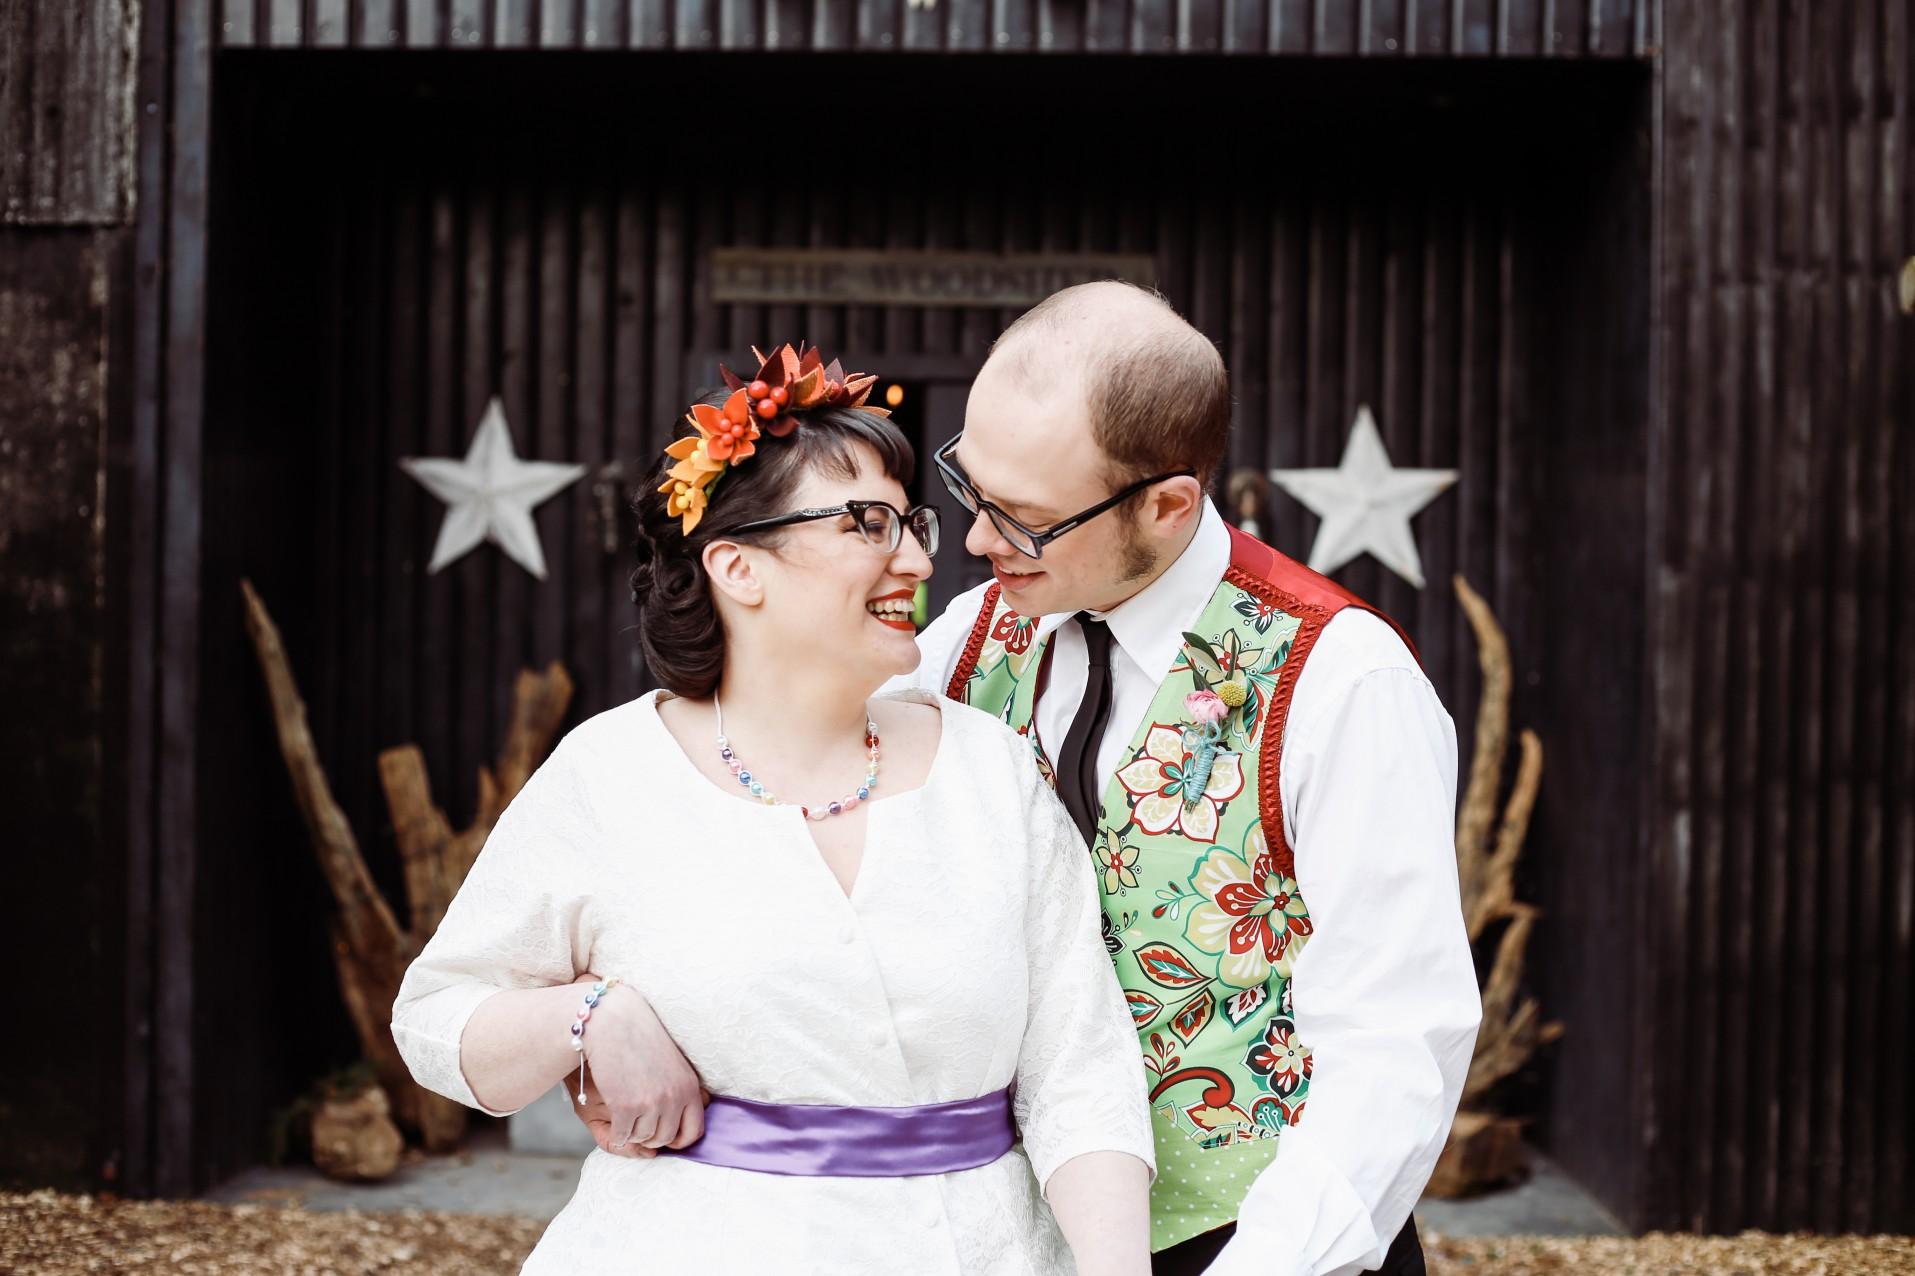 Becky Payne Photographer - Rainbow Unicorn Styled Wedding Shoot - Woods - Couple shot 3